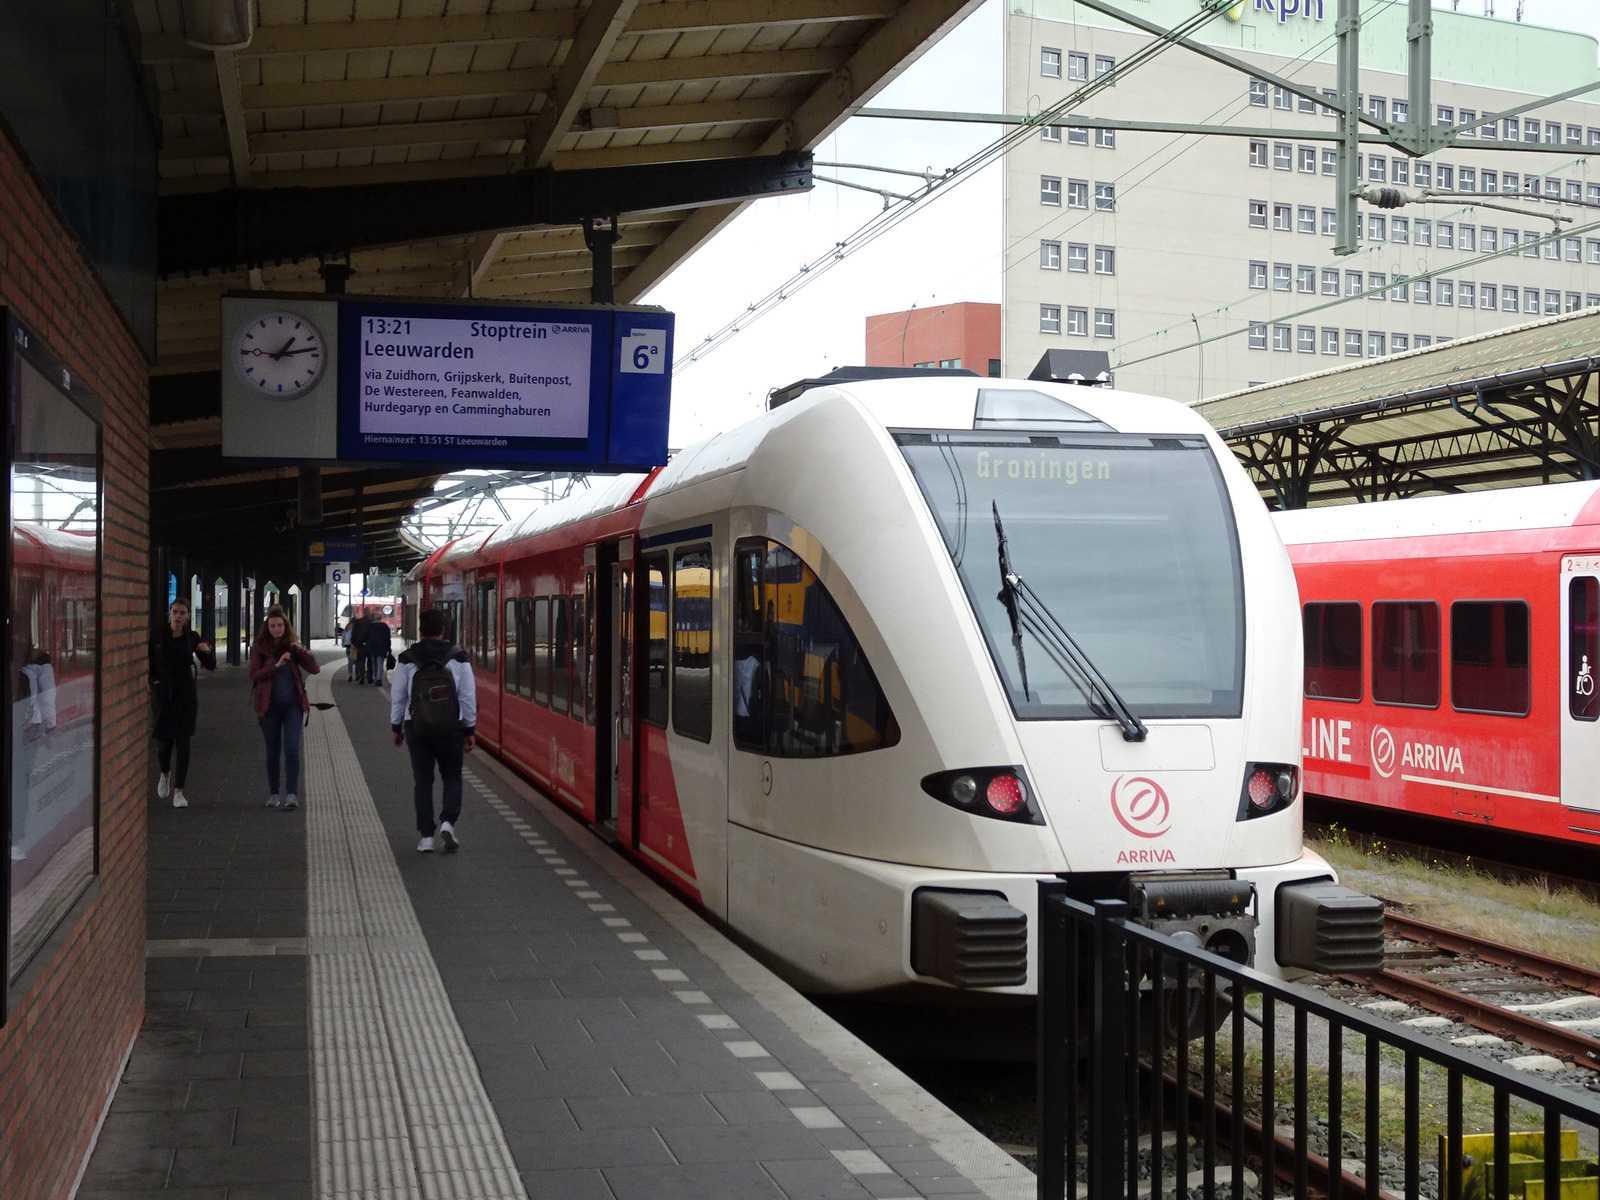 Поезд Arriva. Фото: treinreizigers.nl.